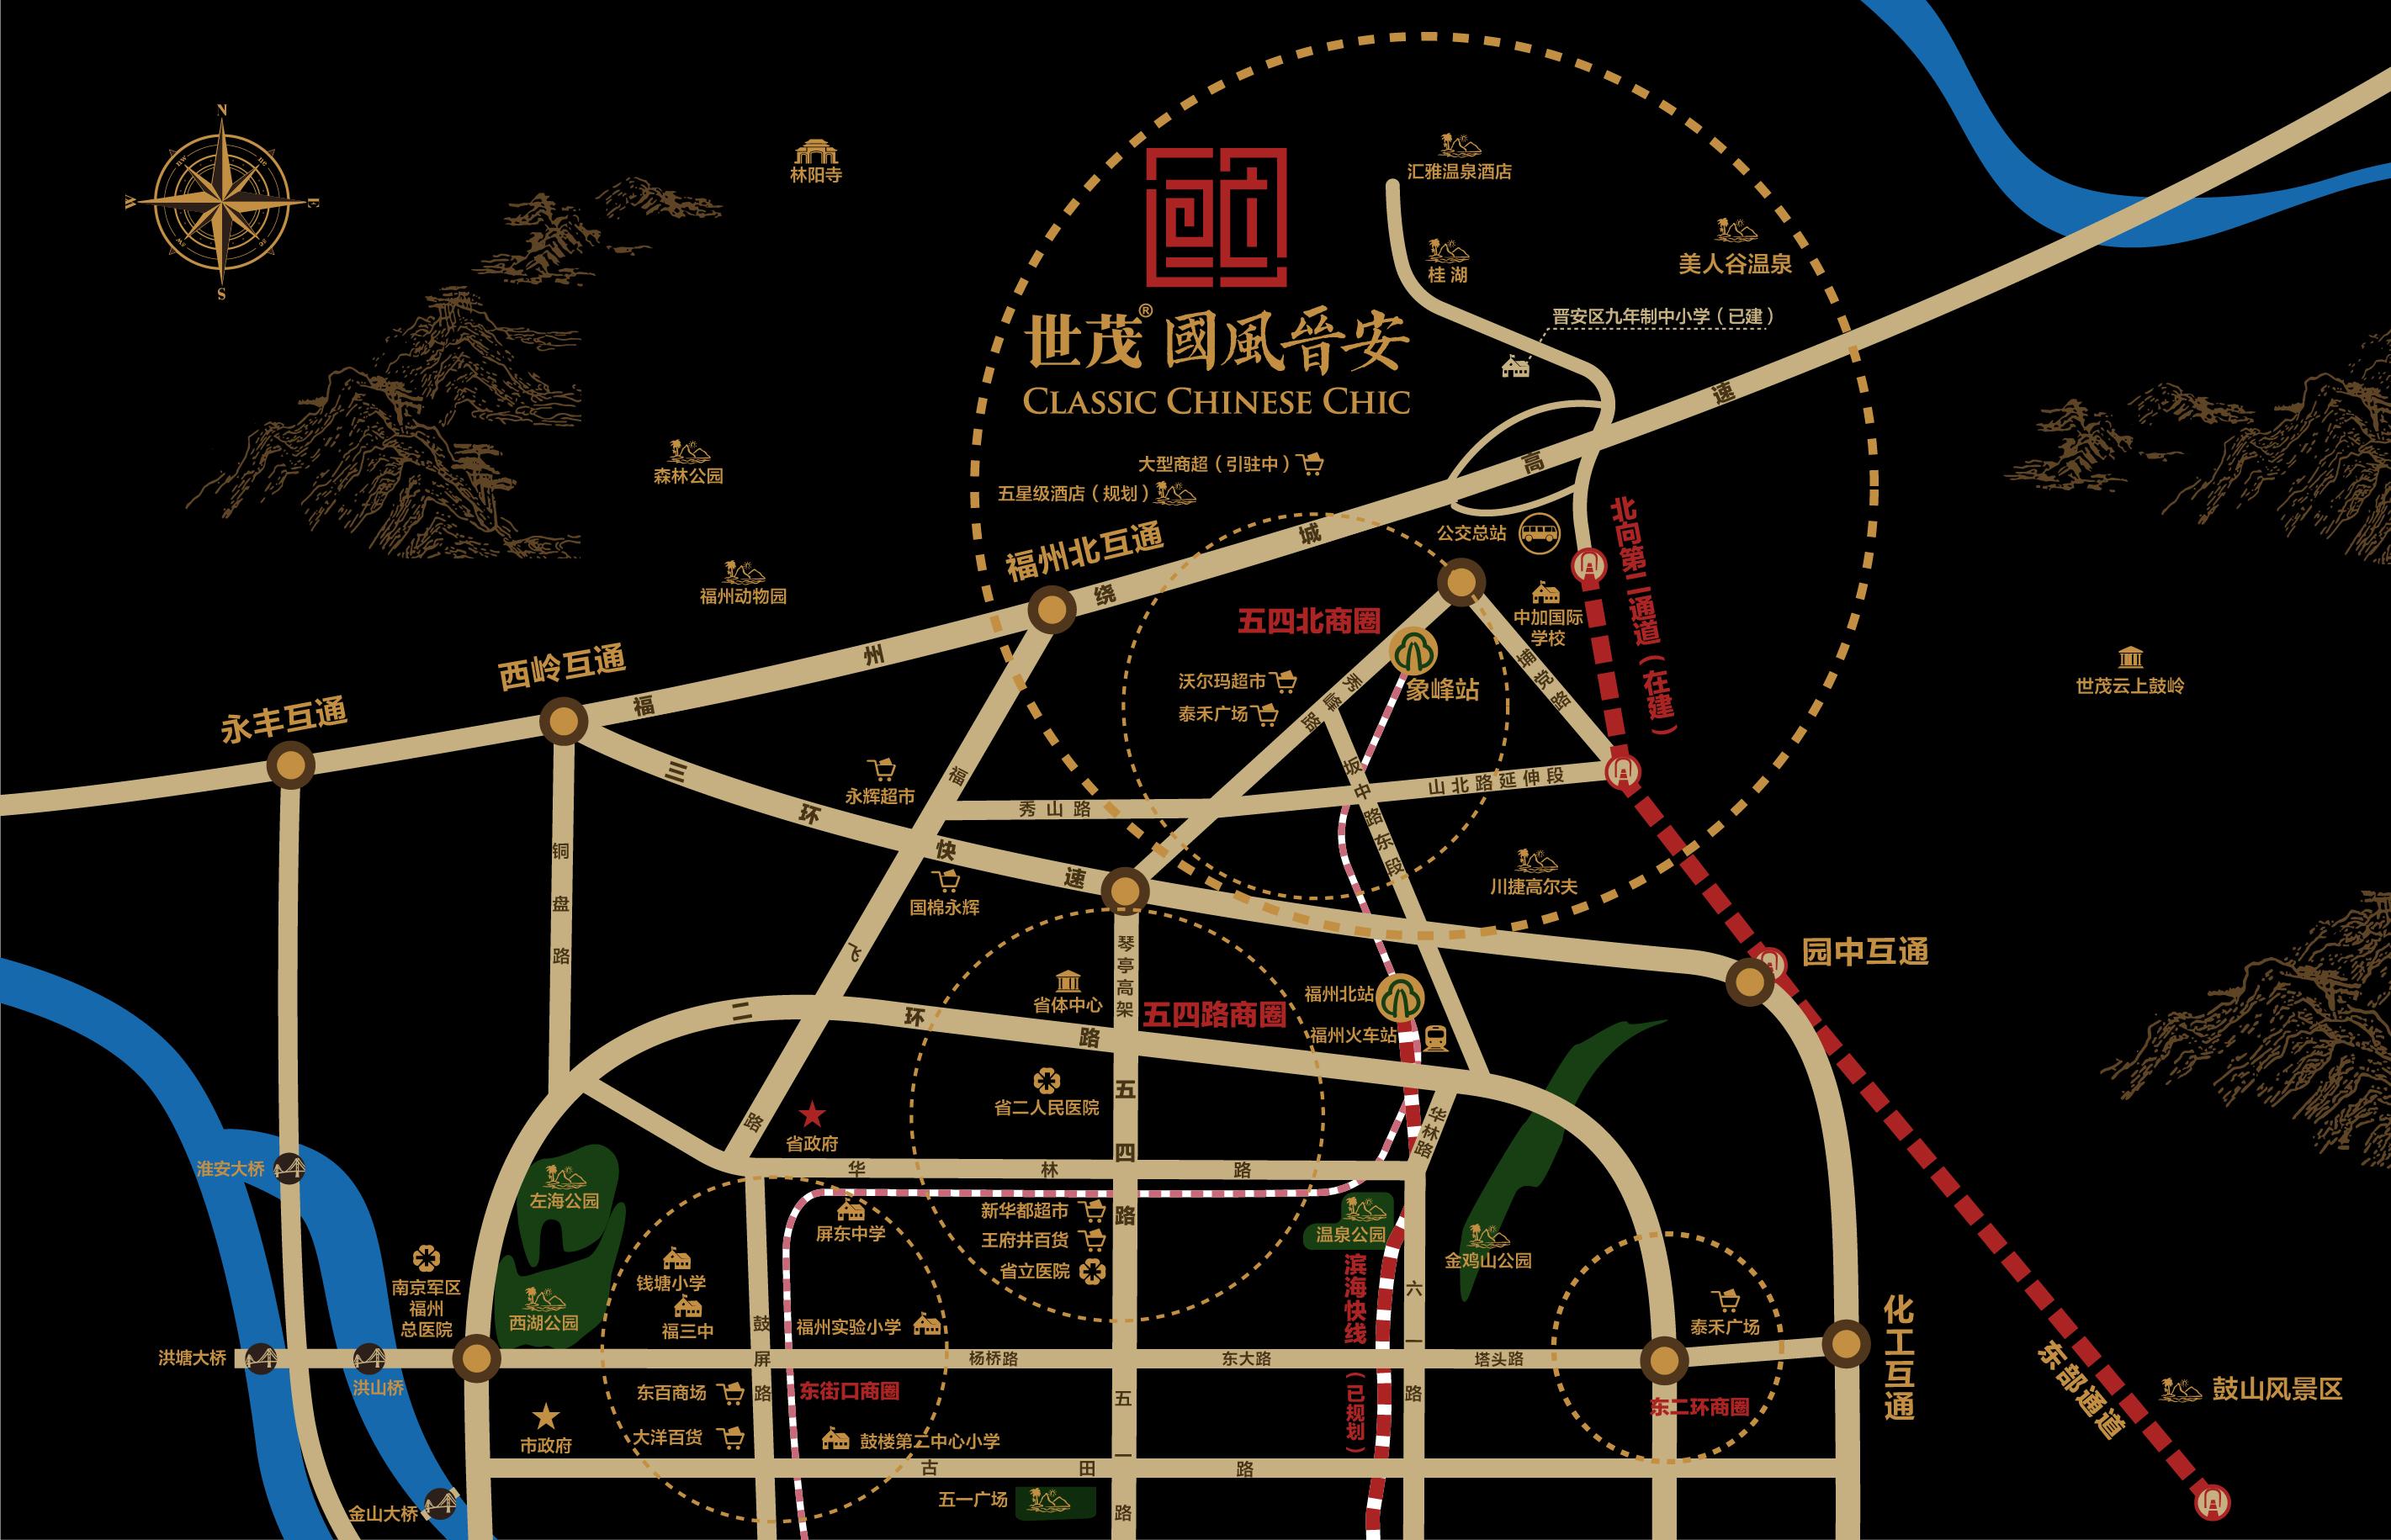 """福州首创公共服务电子支付二维码 市民缴费办事""""一码通行"""""""